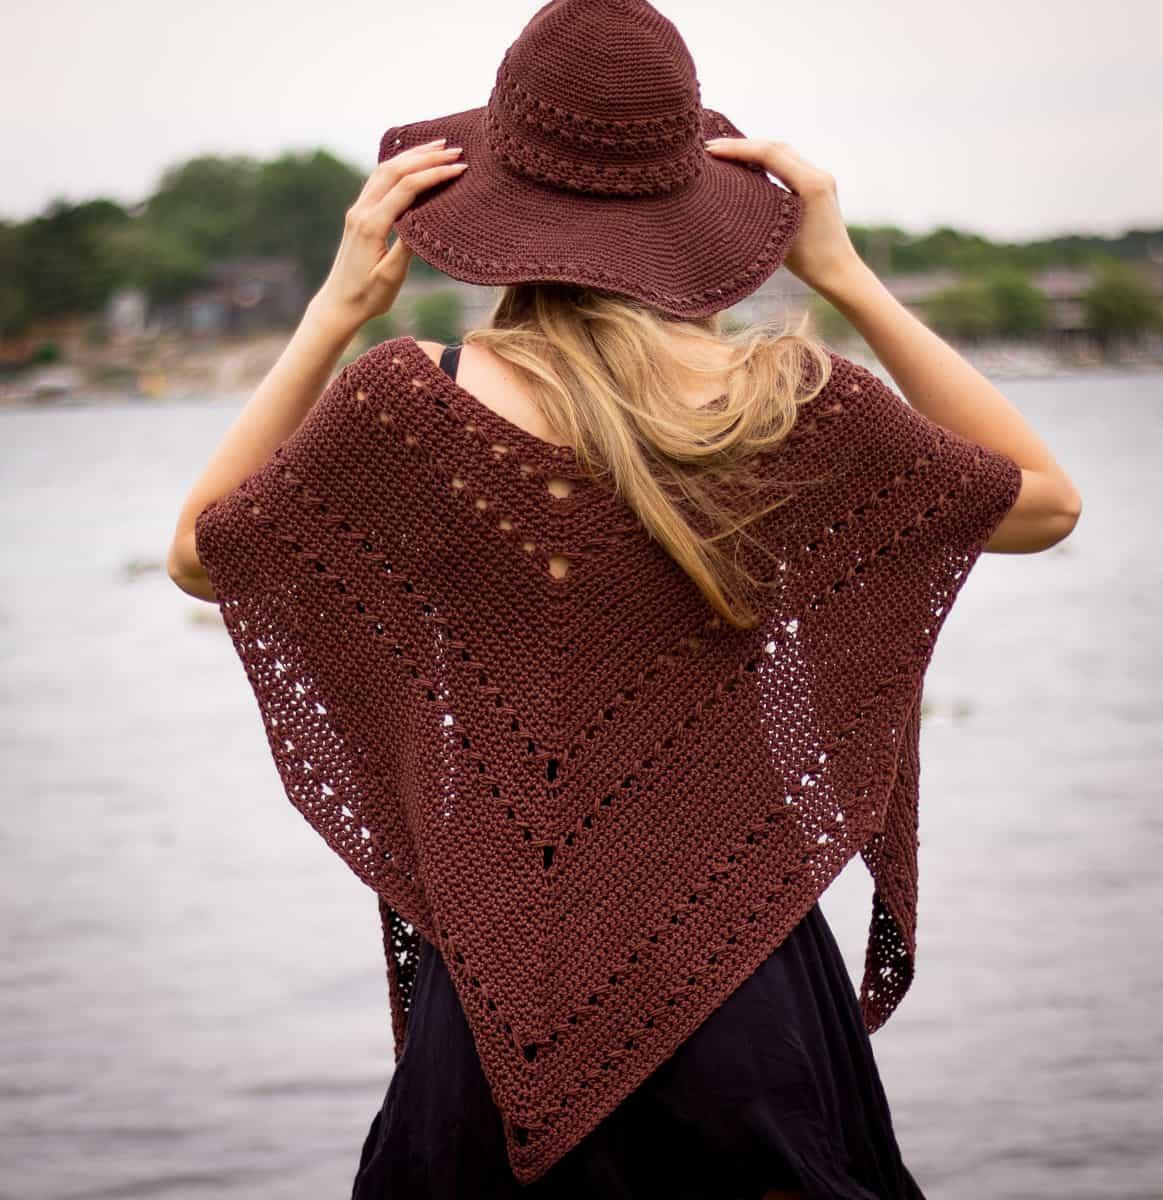 Seaside Schal wird mit dem Seaside Sonnenhut vor Wasser getragen.  Model trägt den Schal im traditionellen Stil über den Schultern.  Dieser Schal ist wandelbar und dies ist nur eine von vielen Möglichkeiten, ihn zu tragen